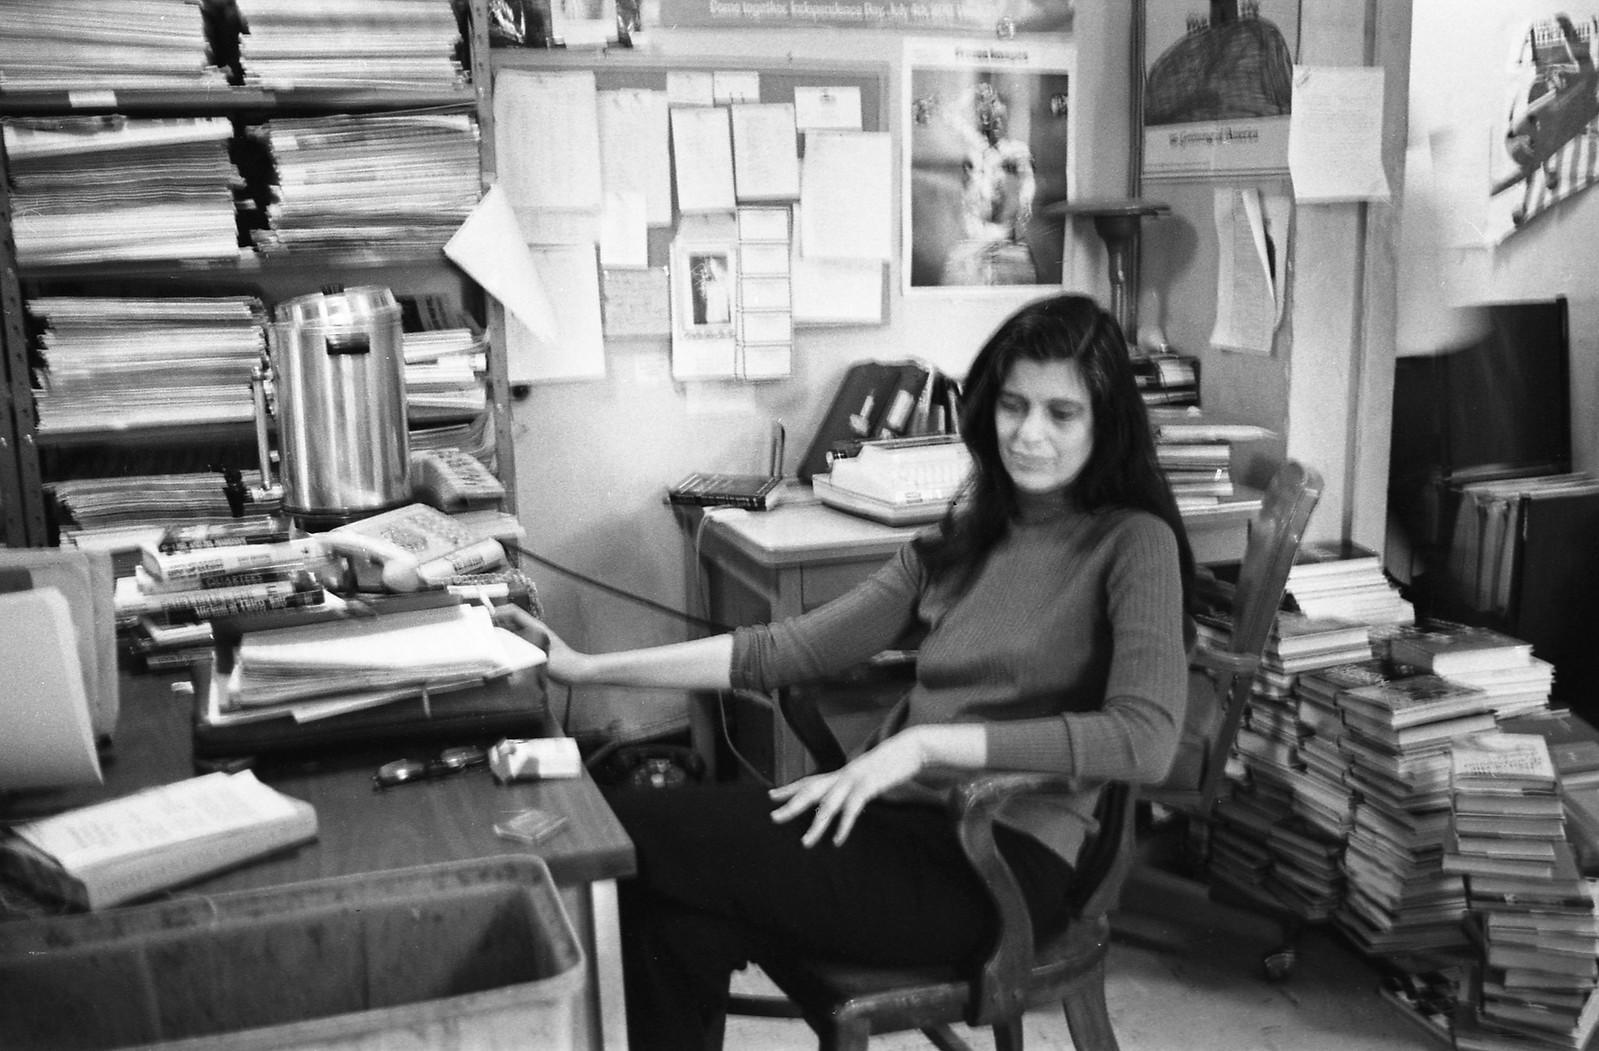 1975. Сьюзен Зонтаг (американская писательница, литературный, художественный, театральный и кинокритик, режиссёр театра и кино), Нью-Йорк